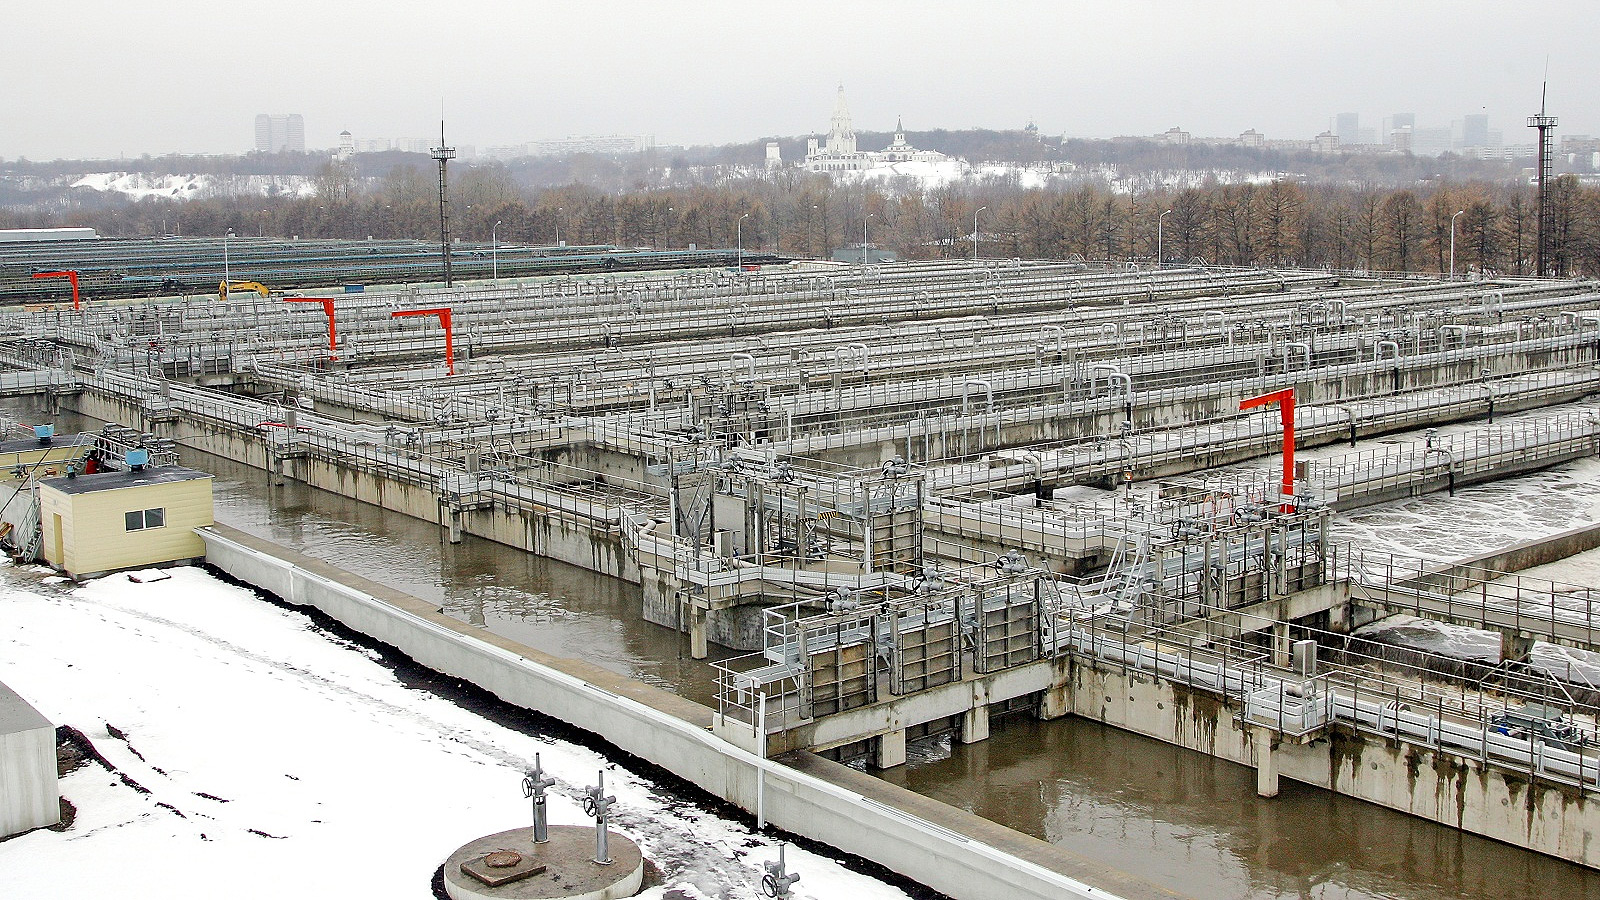 На юго-востоке Москвы продолжается реконструкция Курьяновских очистных сооружений